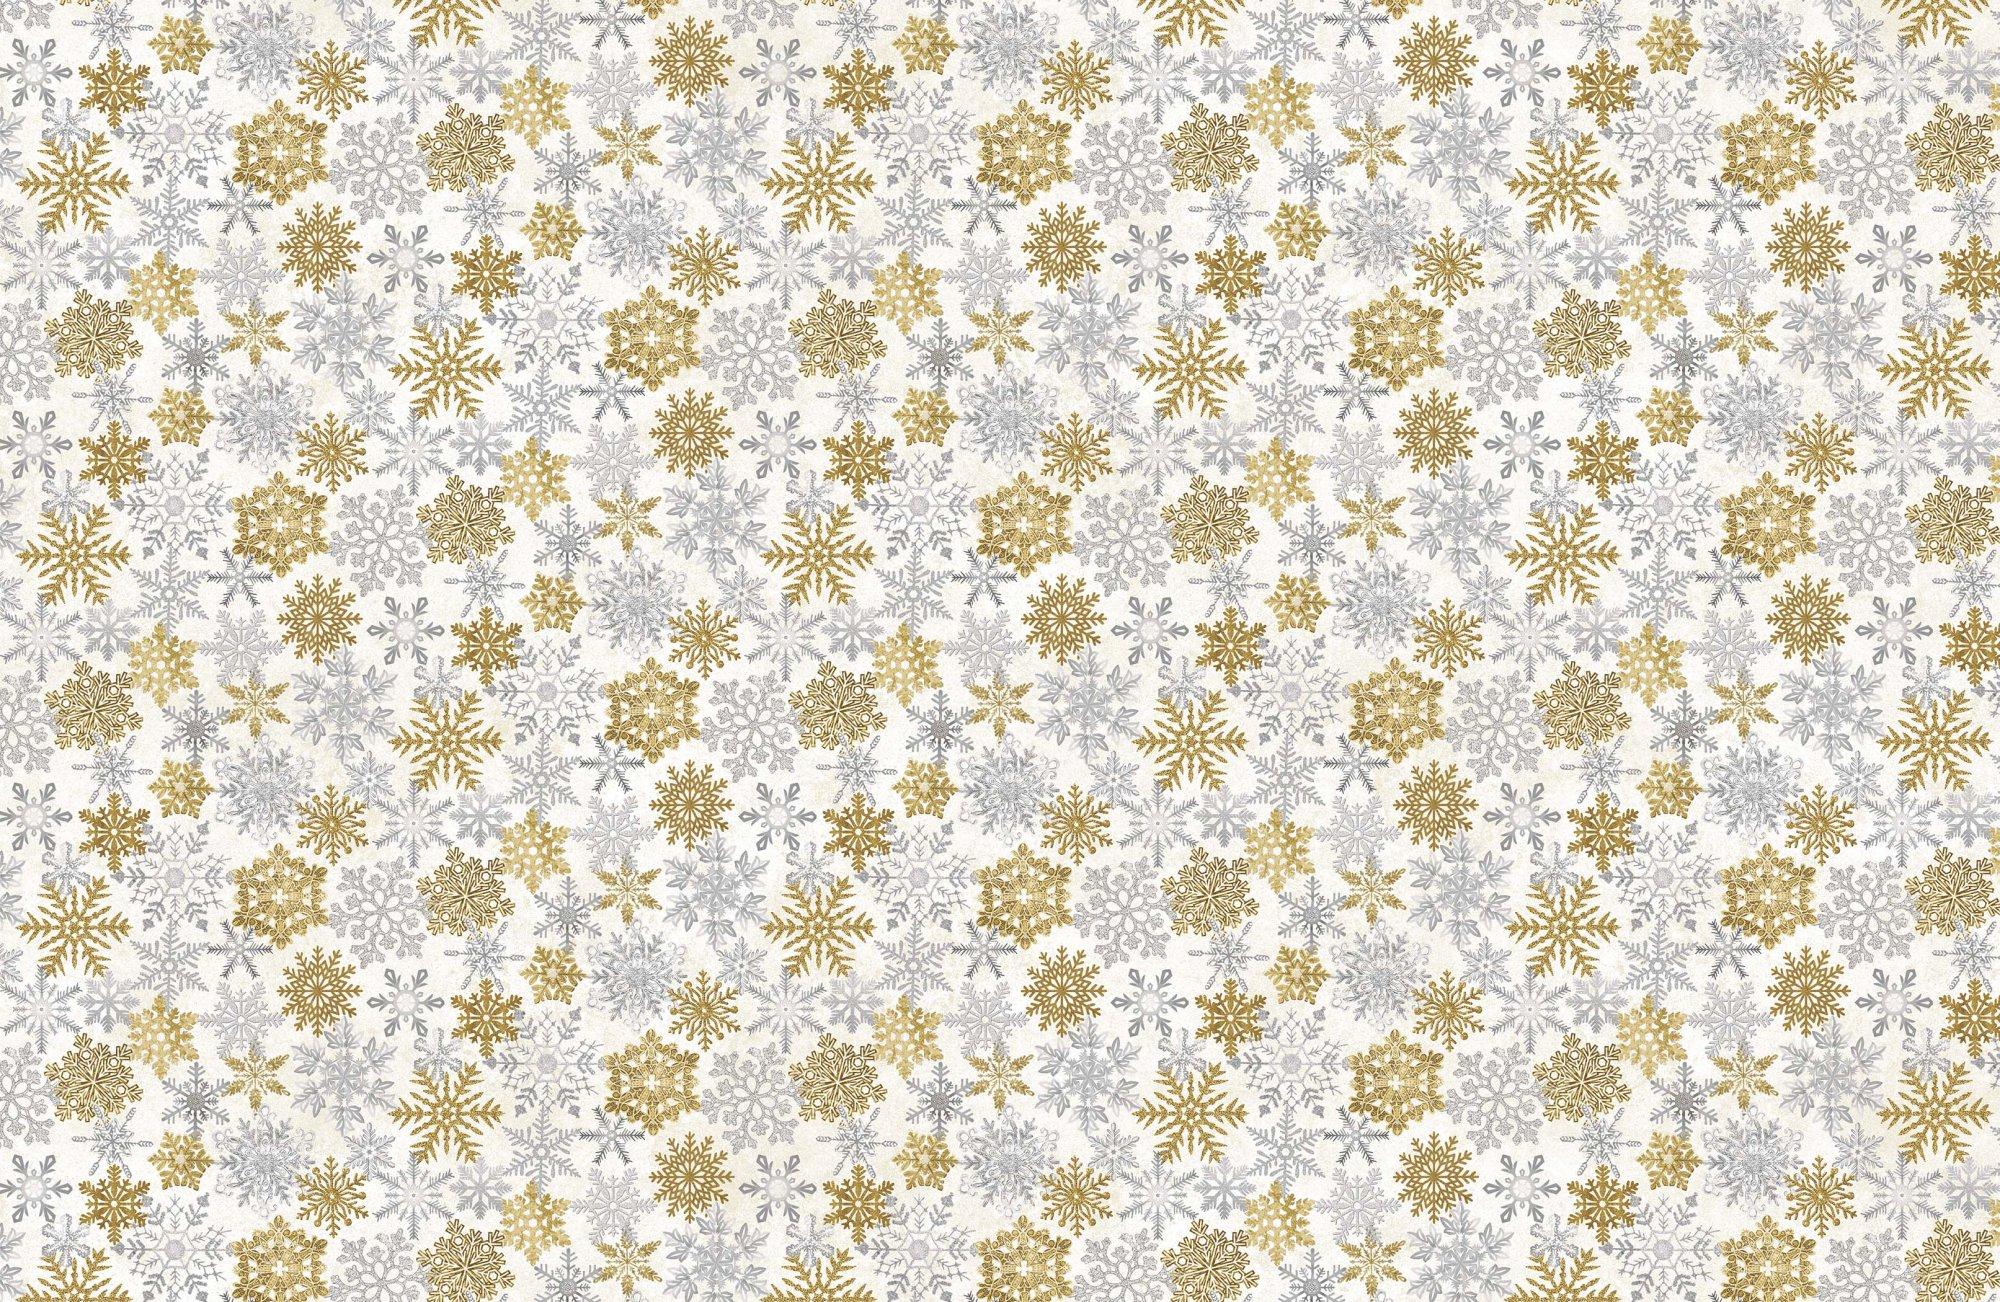 STONEHENGE WHITE CHRISTMAS - Snowflakes Duotone   Neutral Gold